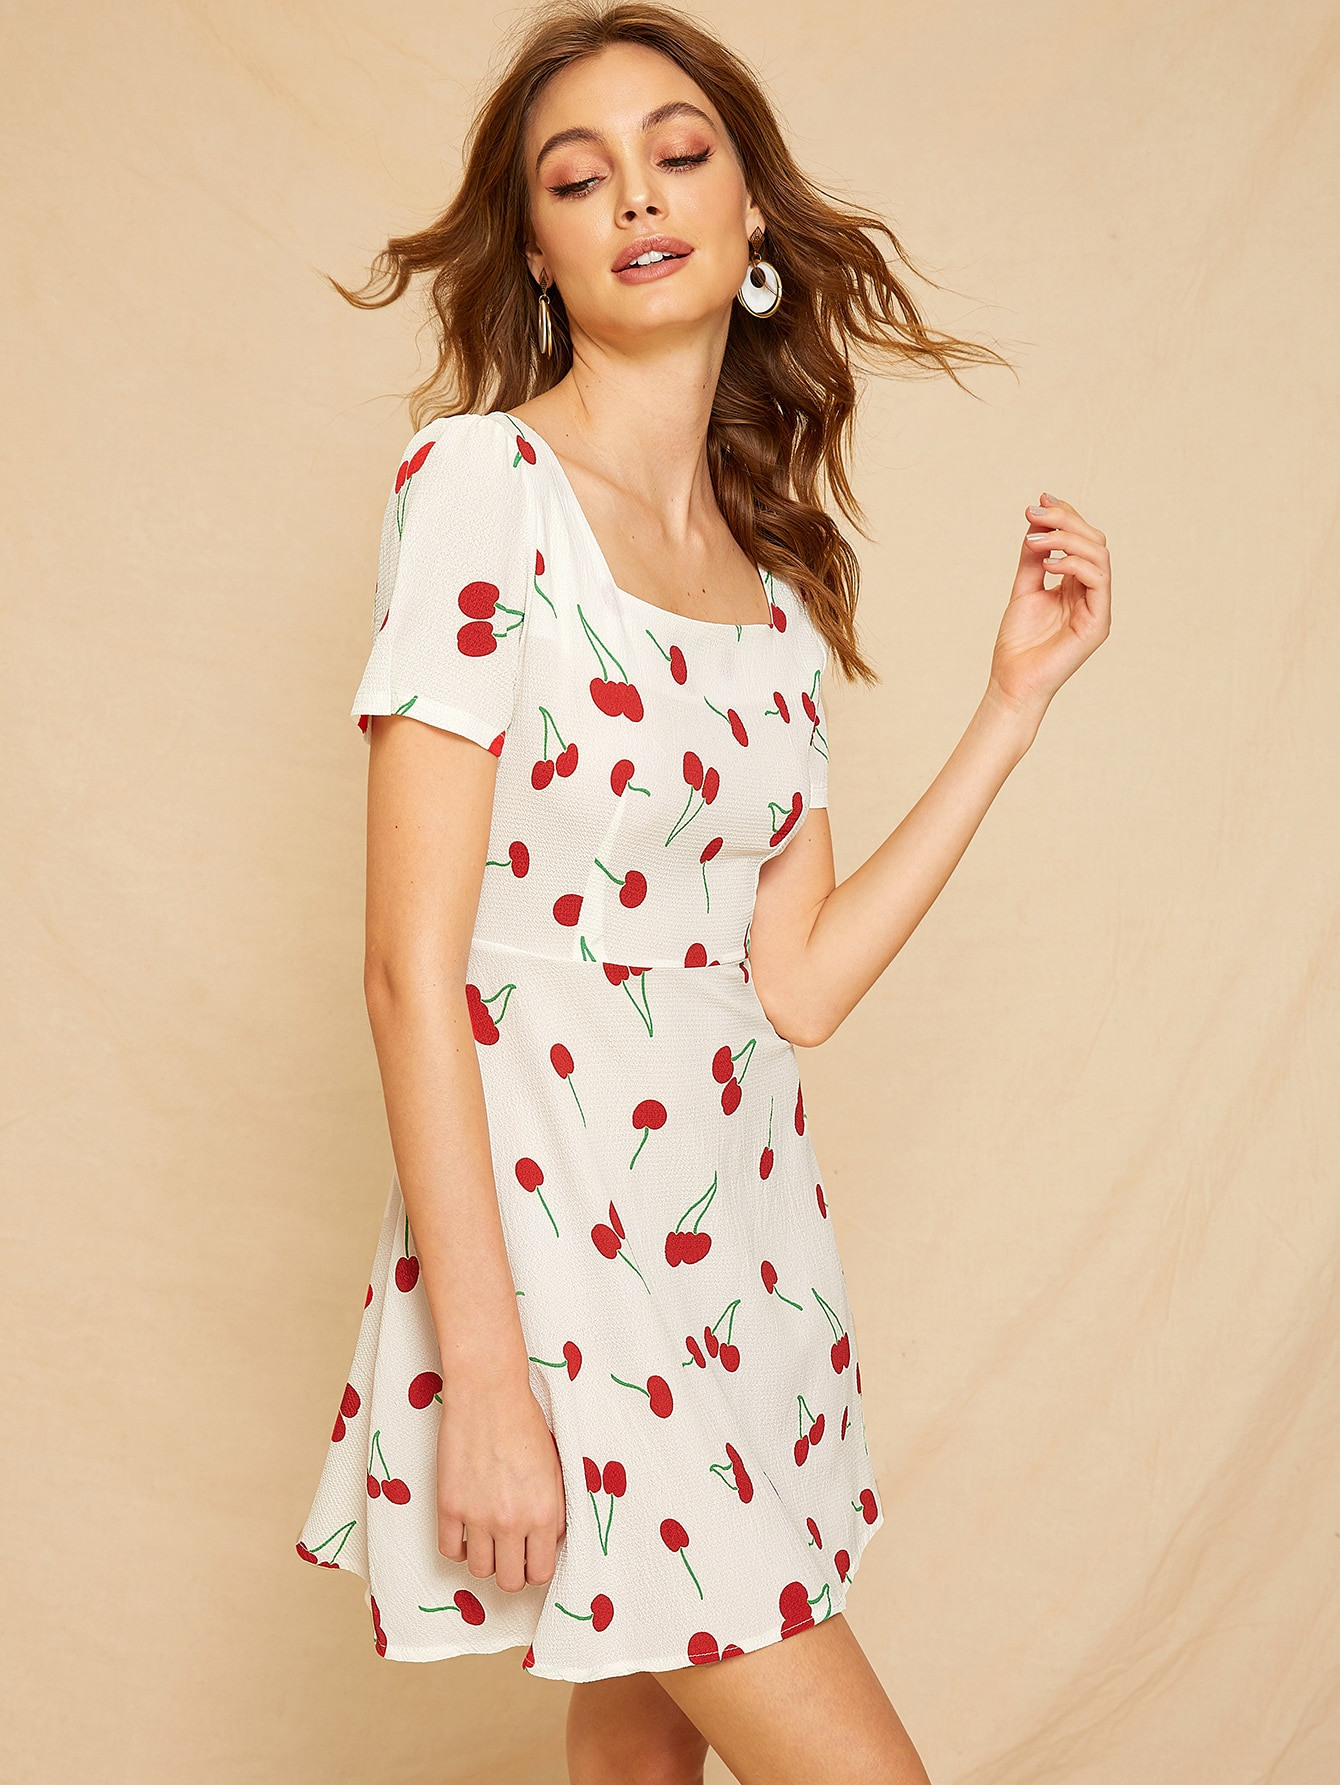 Kleid Mit Kirsche Muster Puffärmeln Und Reißverschluss